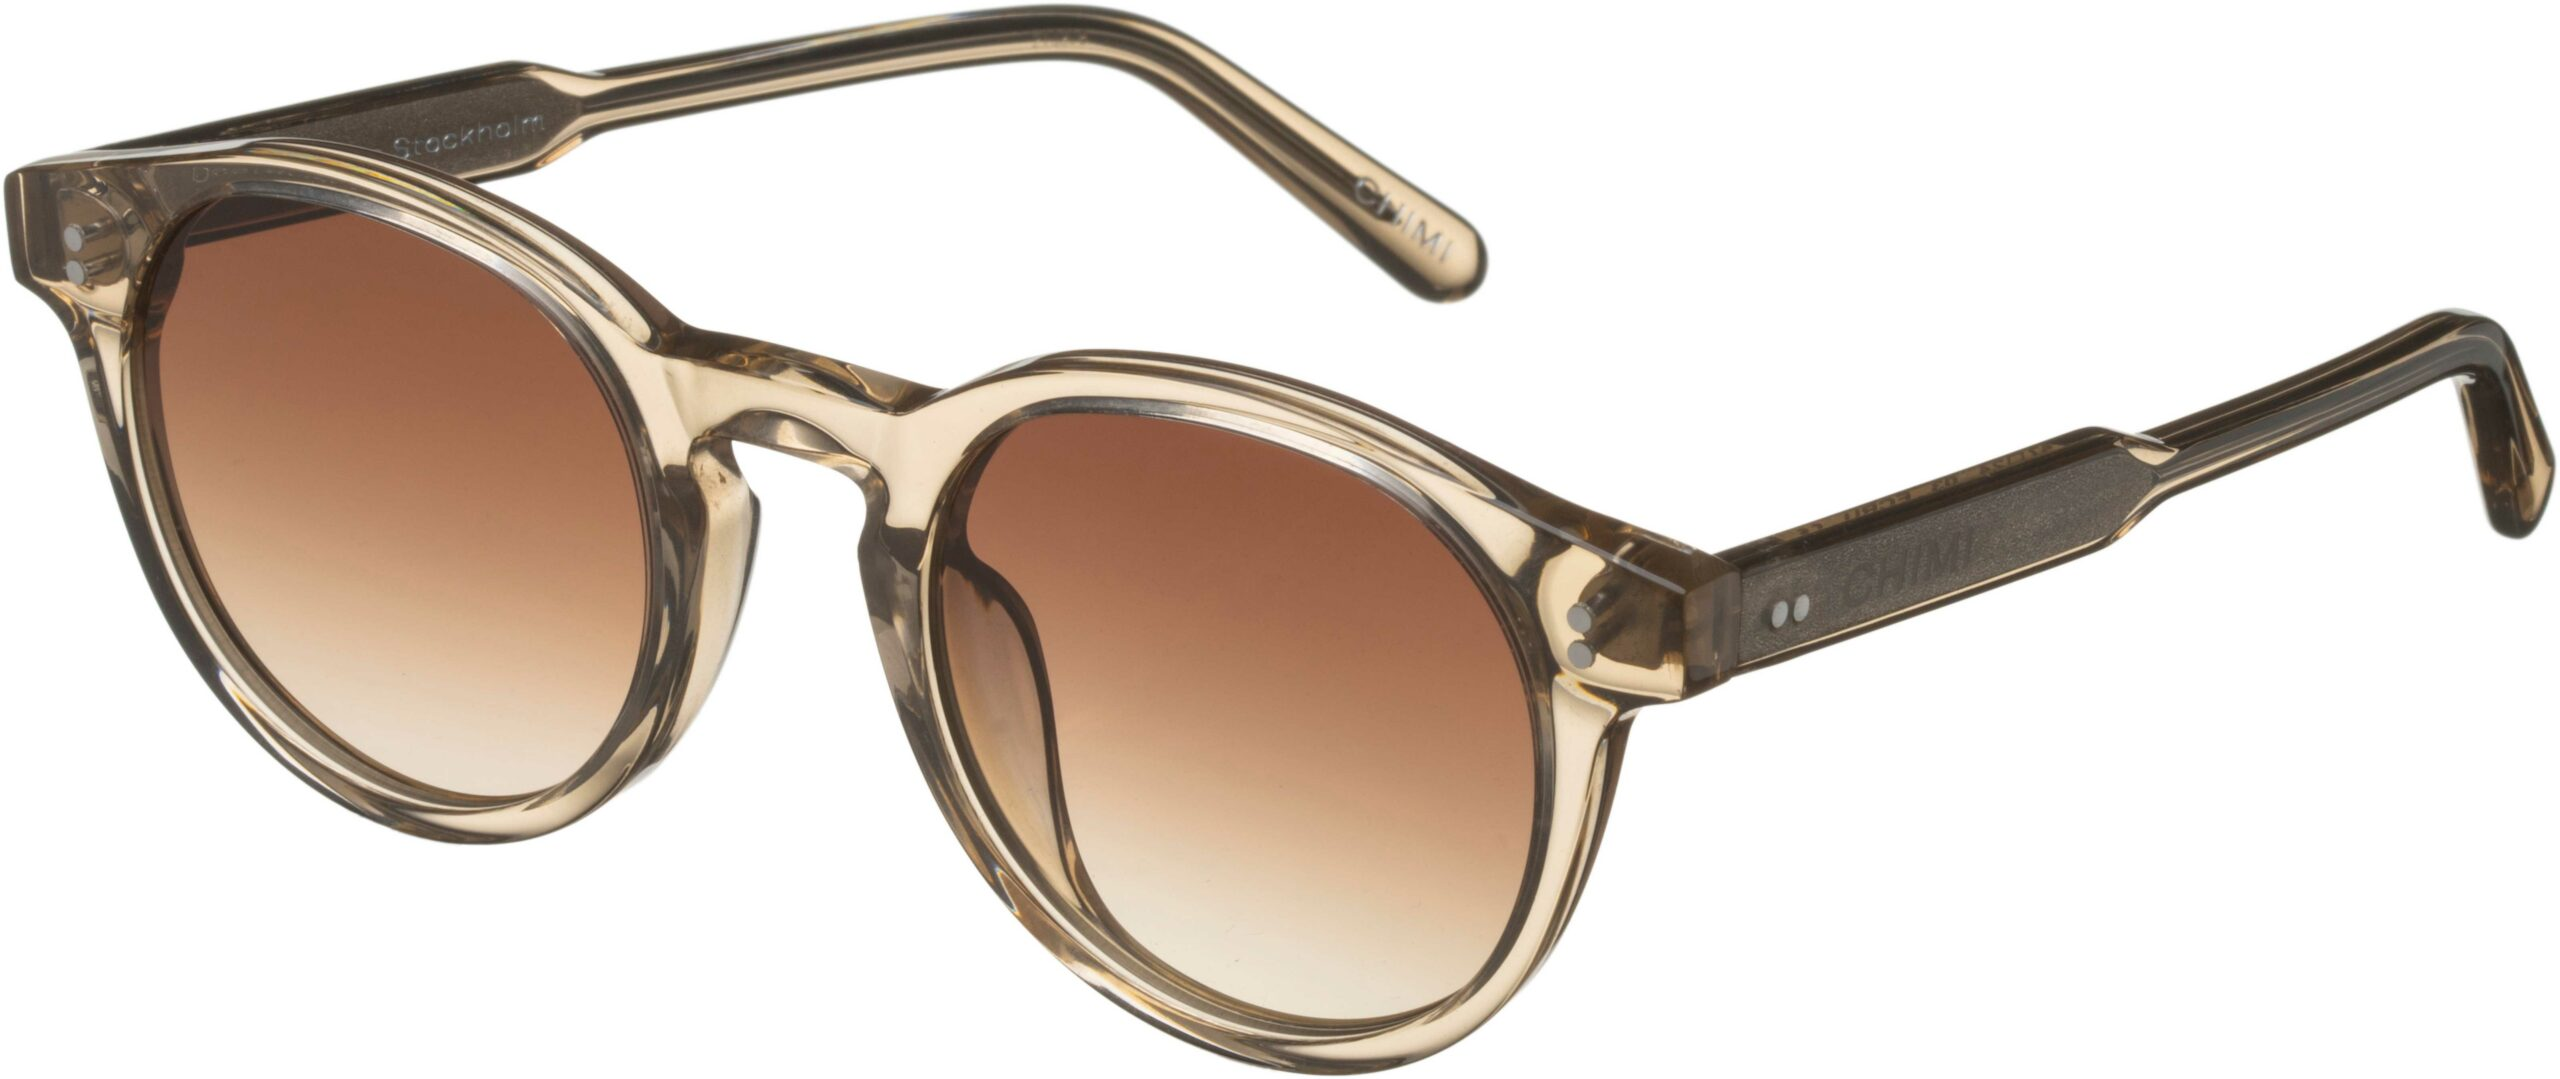 Chimi Eyewear #03 Ecru/Ecru | 7340192604475